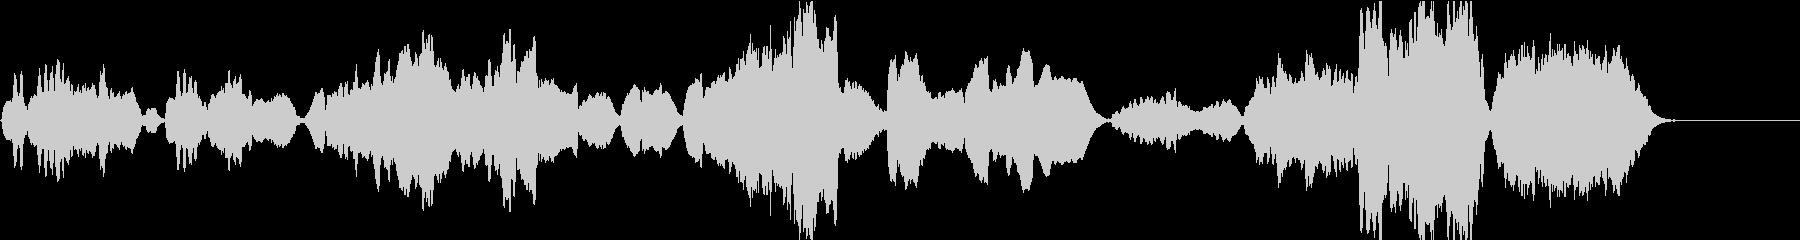 のどかでメルヘン、クラシカルな木管四重奏の未再生の波形